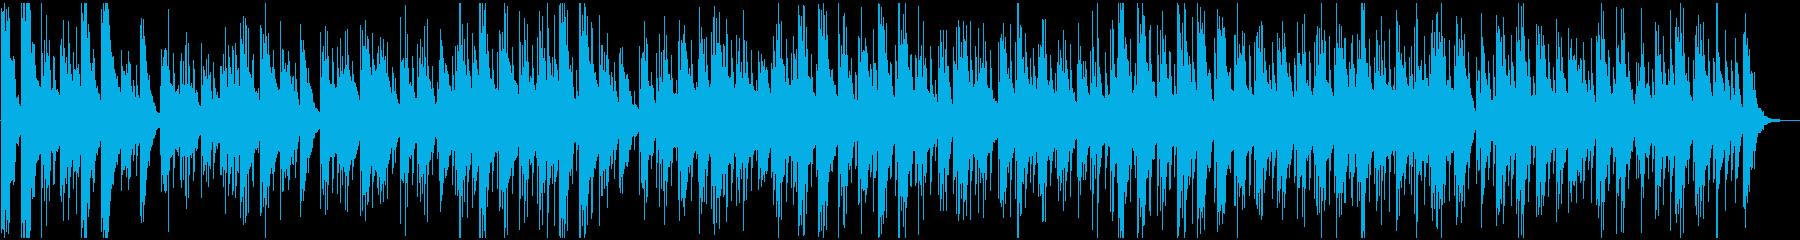 動画・日常 リラックス系ゆったりギターの再生済みの波形